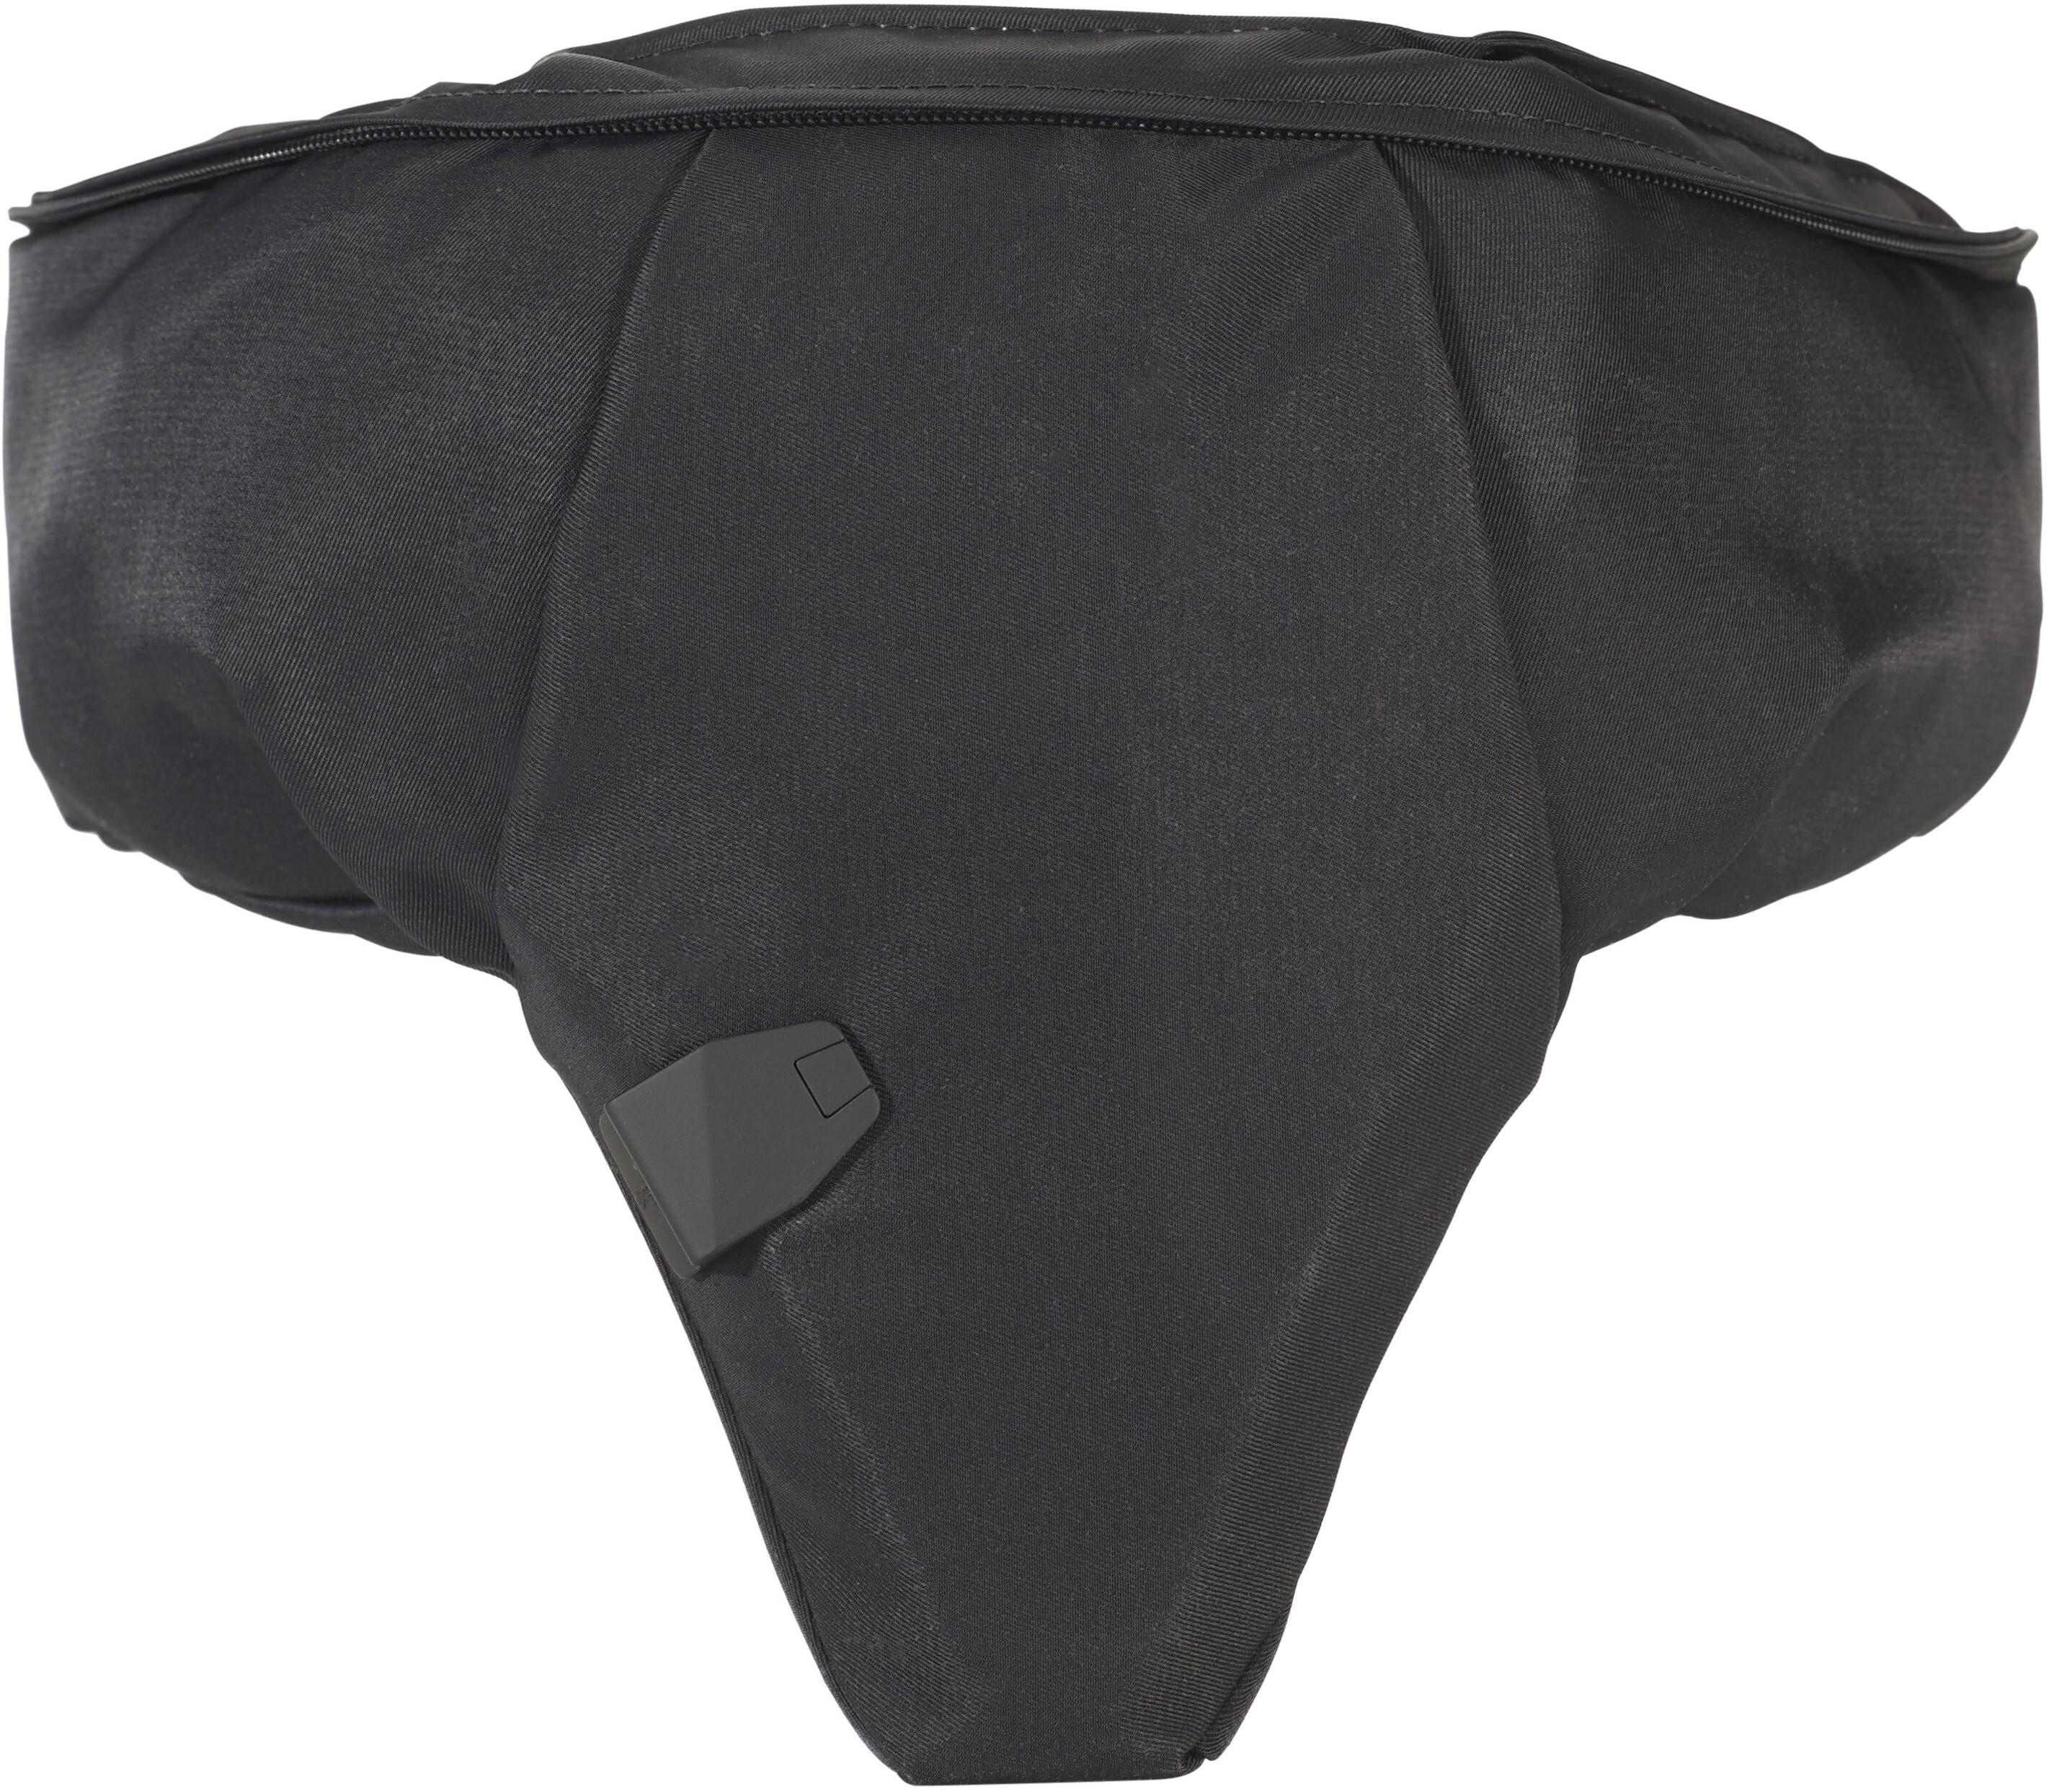 h vding 2 0 airbag helm schwarz g nstig kaufen br gelmann. Black Bedroom Furniture Sets. Home Design Ideas